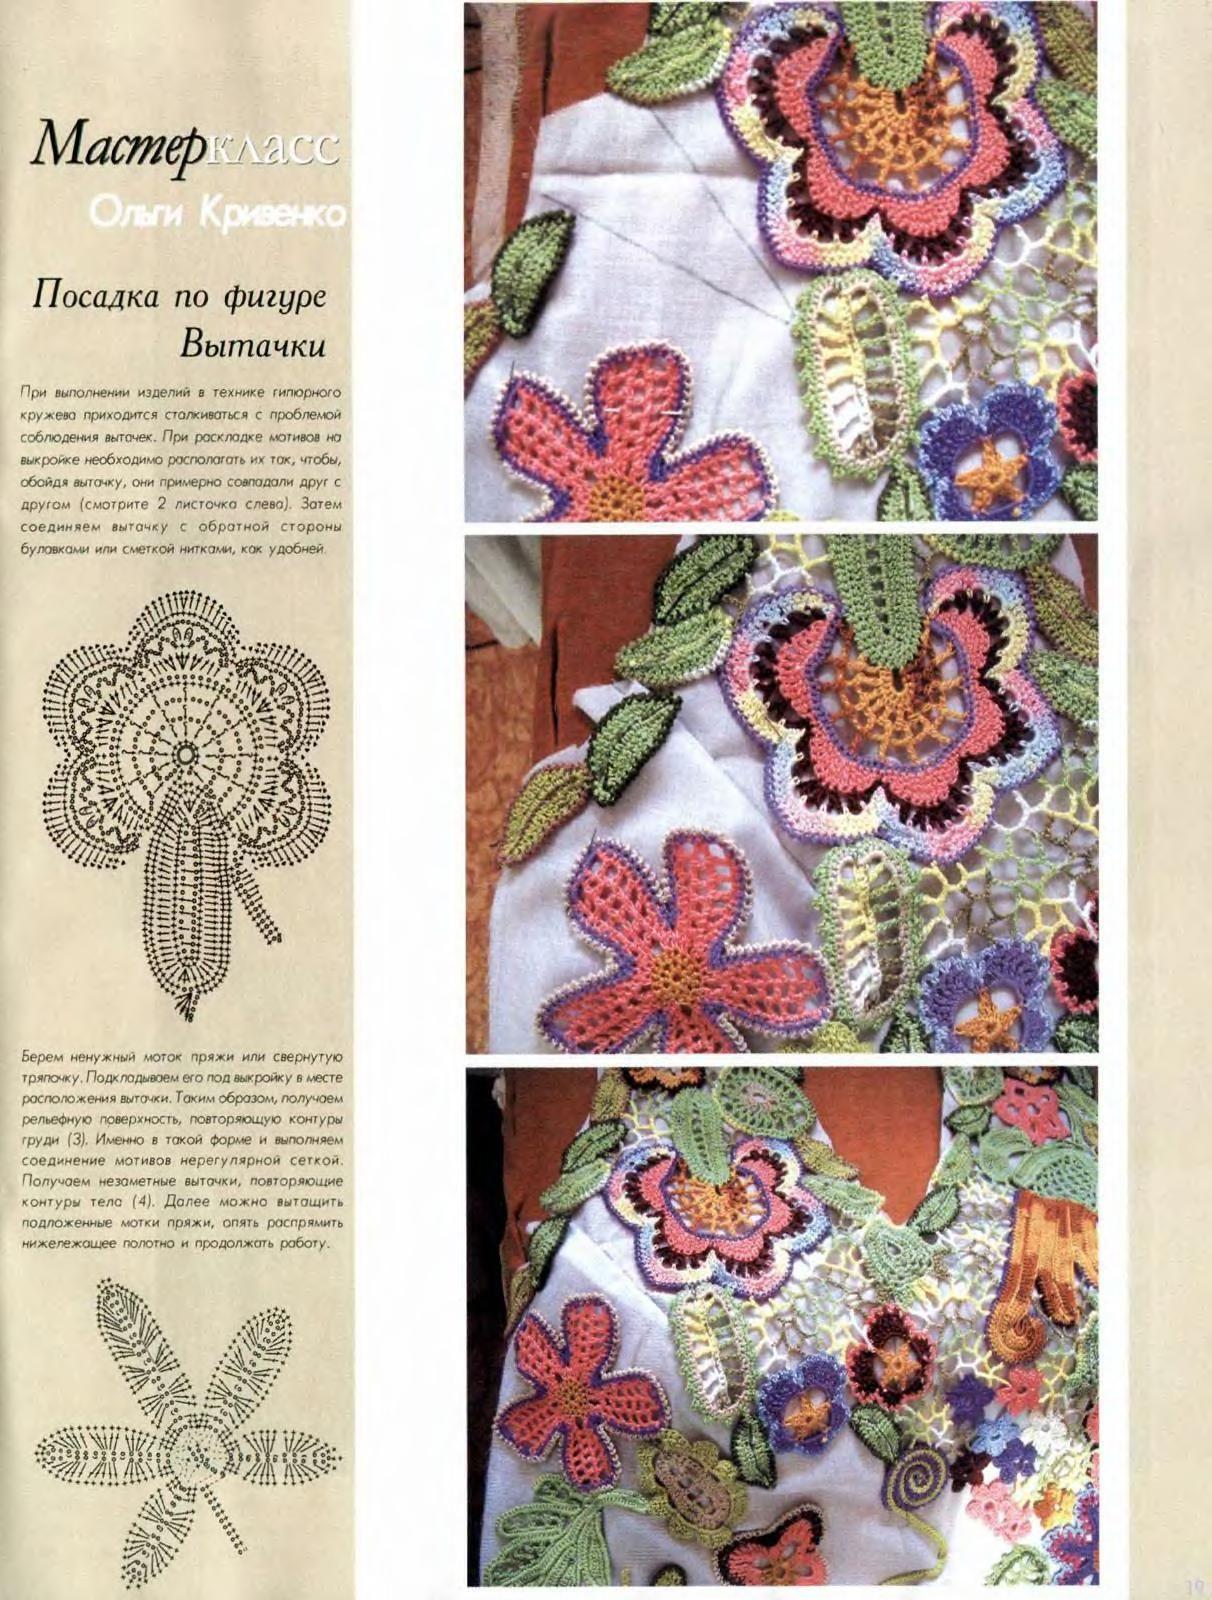 Pin de Eunicews99 Sayago en Revista Moa 17 | Pinterest